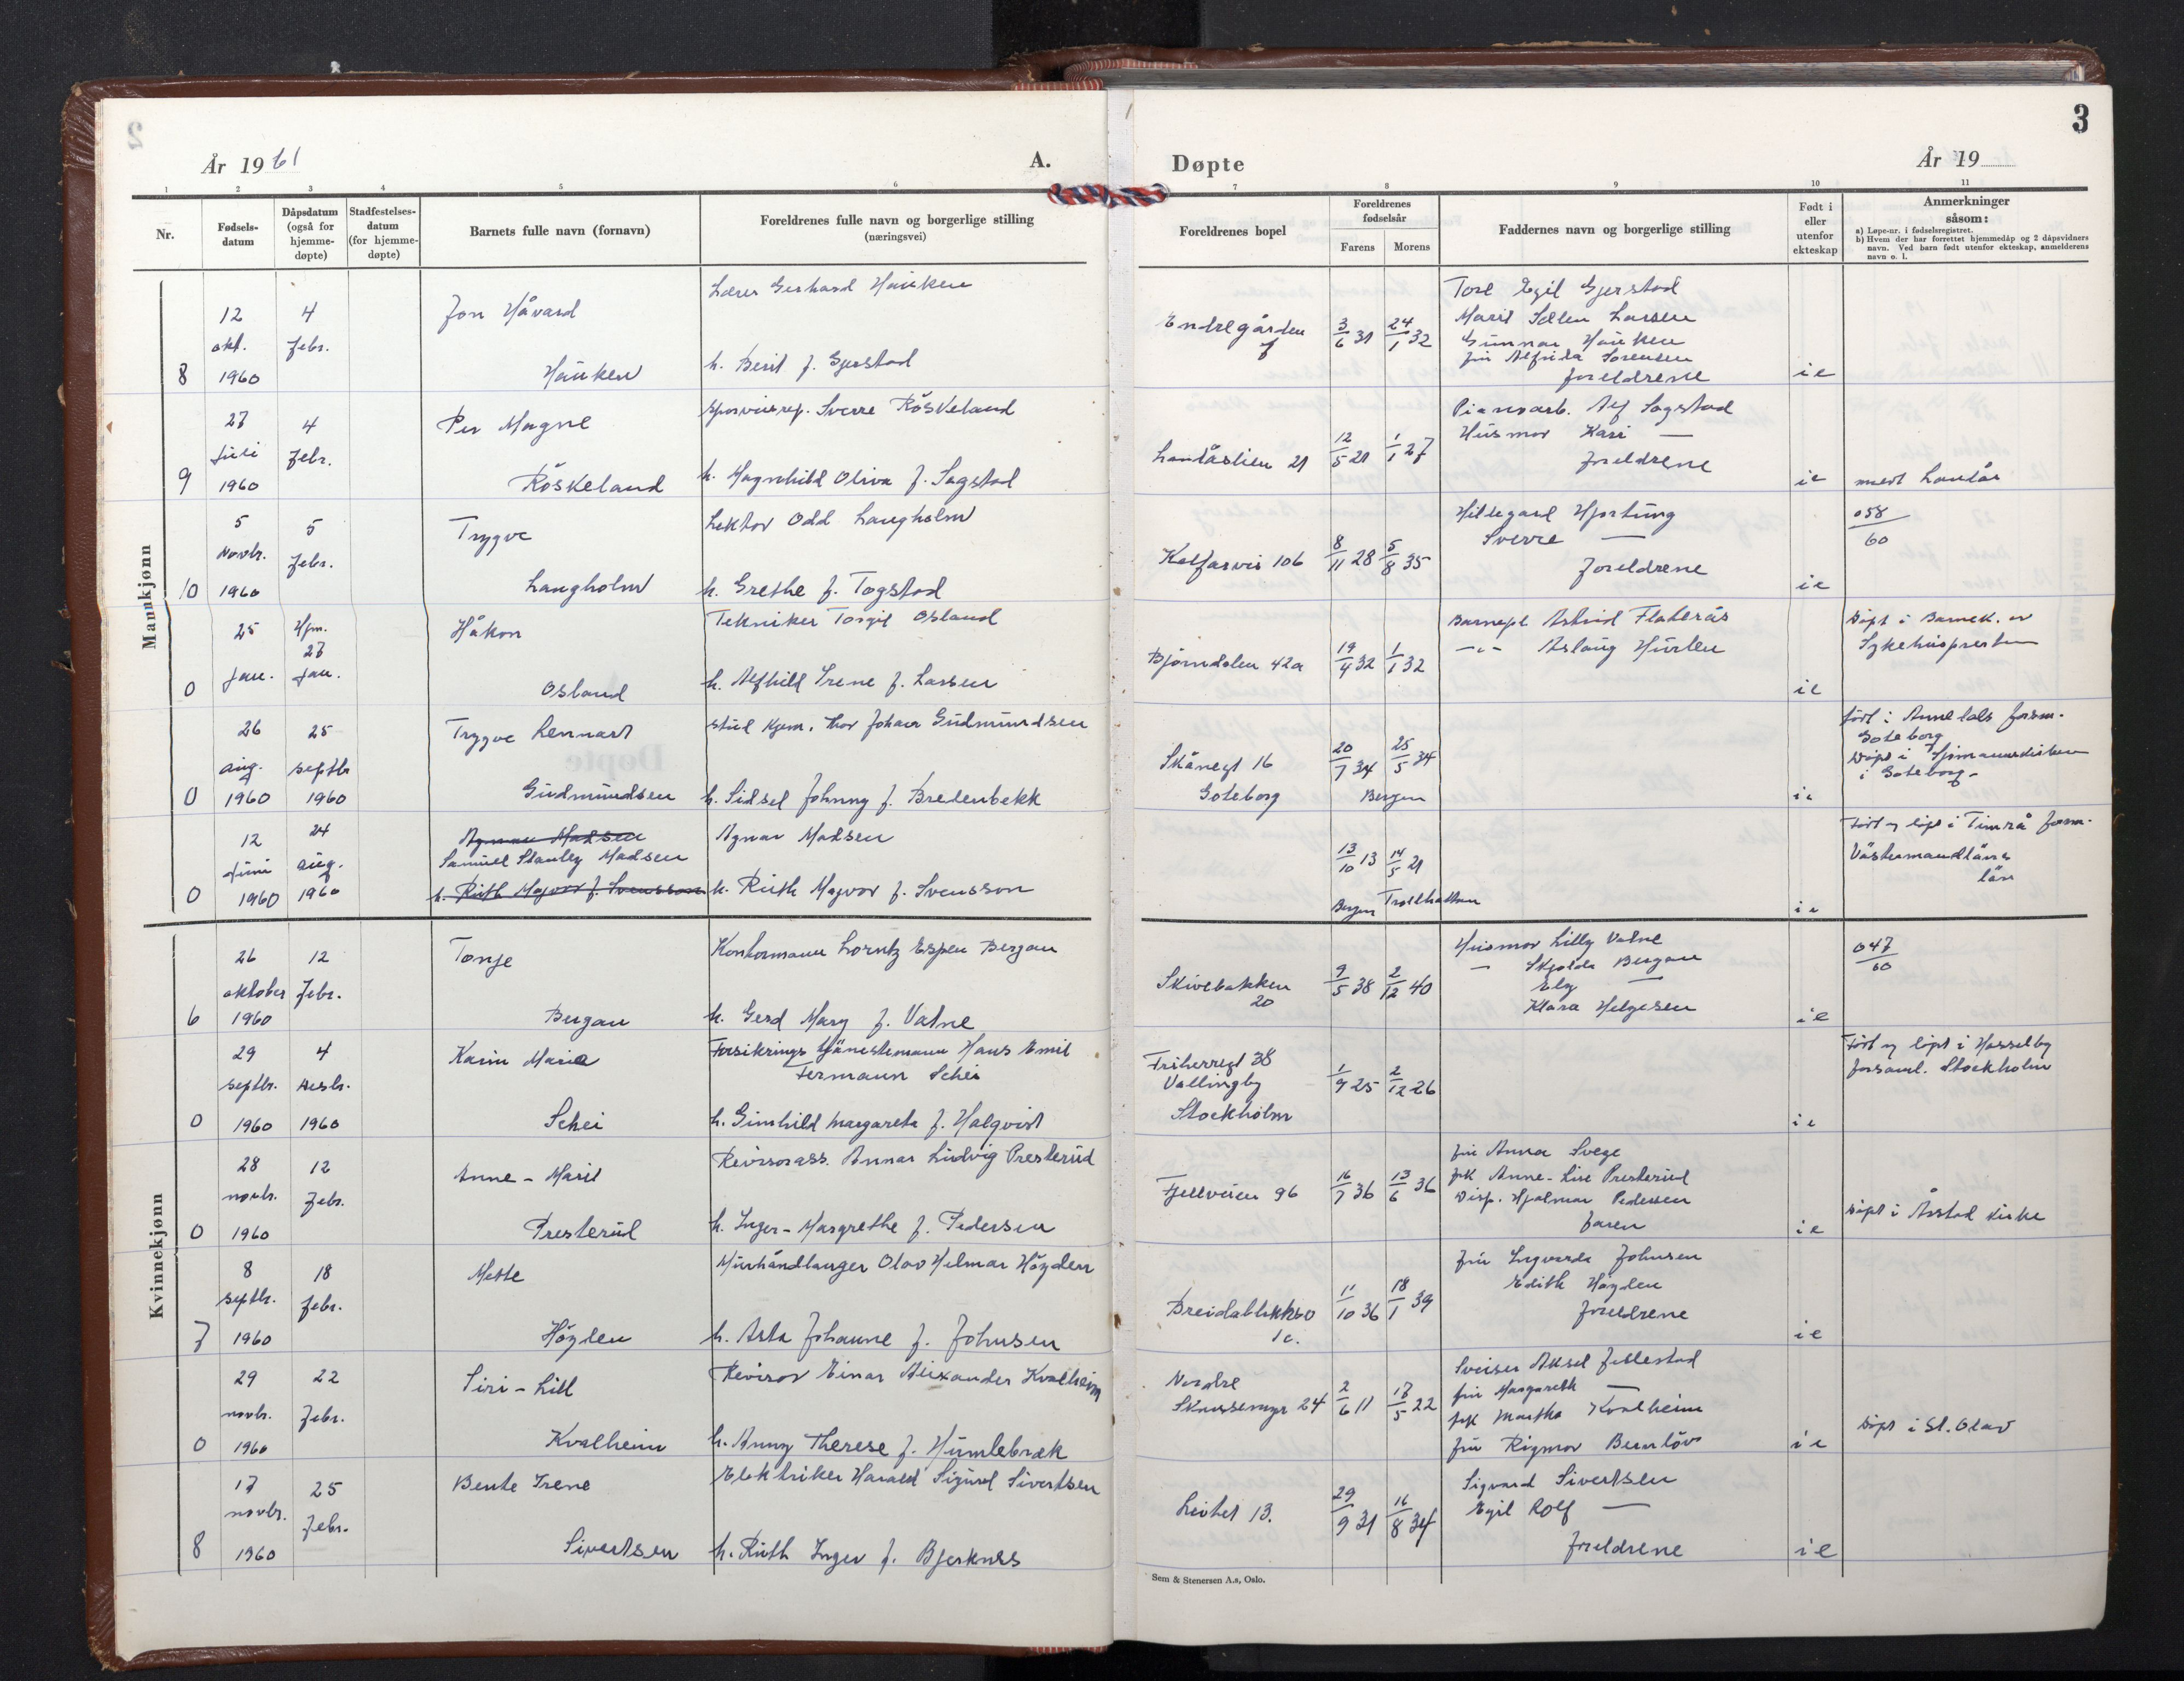 SAB, Domkirken Sokneprestembete, H/Hab/L0020: Klokkerbok nr. B 13, 1961-1966, s. 3